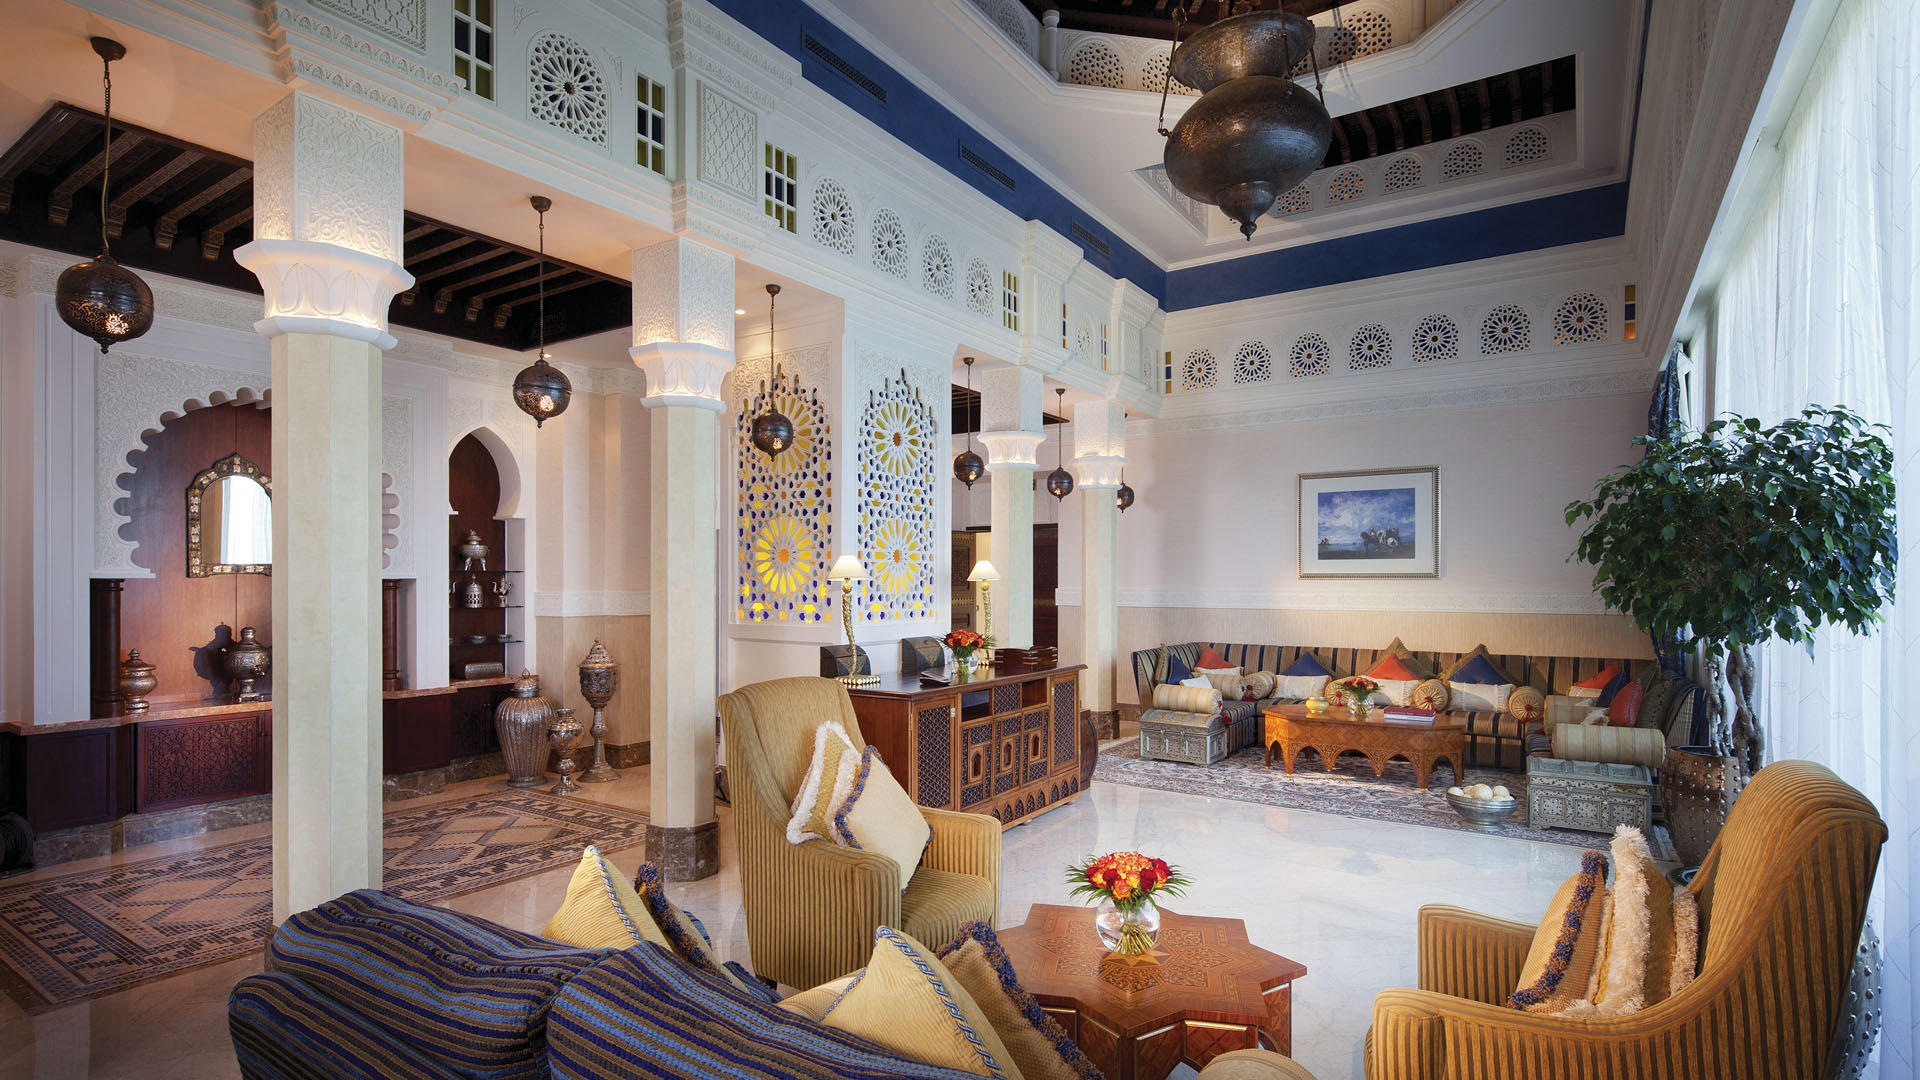 Бажаєте відчути себе королем/королевою або, принаймні, відпочити по-королівськи? Тоді погляньте на цей готель уважніше:  вас вразить багате оздоблення кімнат, оформлених в традиційному арабському стилі, величні морські види і розкішне оточення, де б ви не опинилися - у ресторані, spa-салоні або на літній терасі вашого номеру.